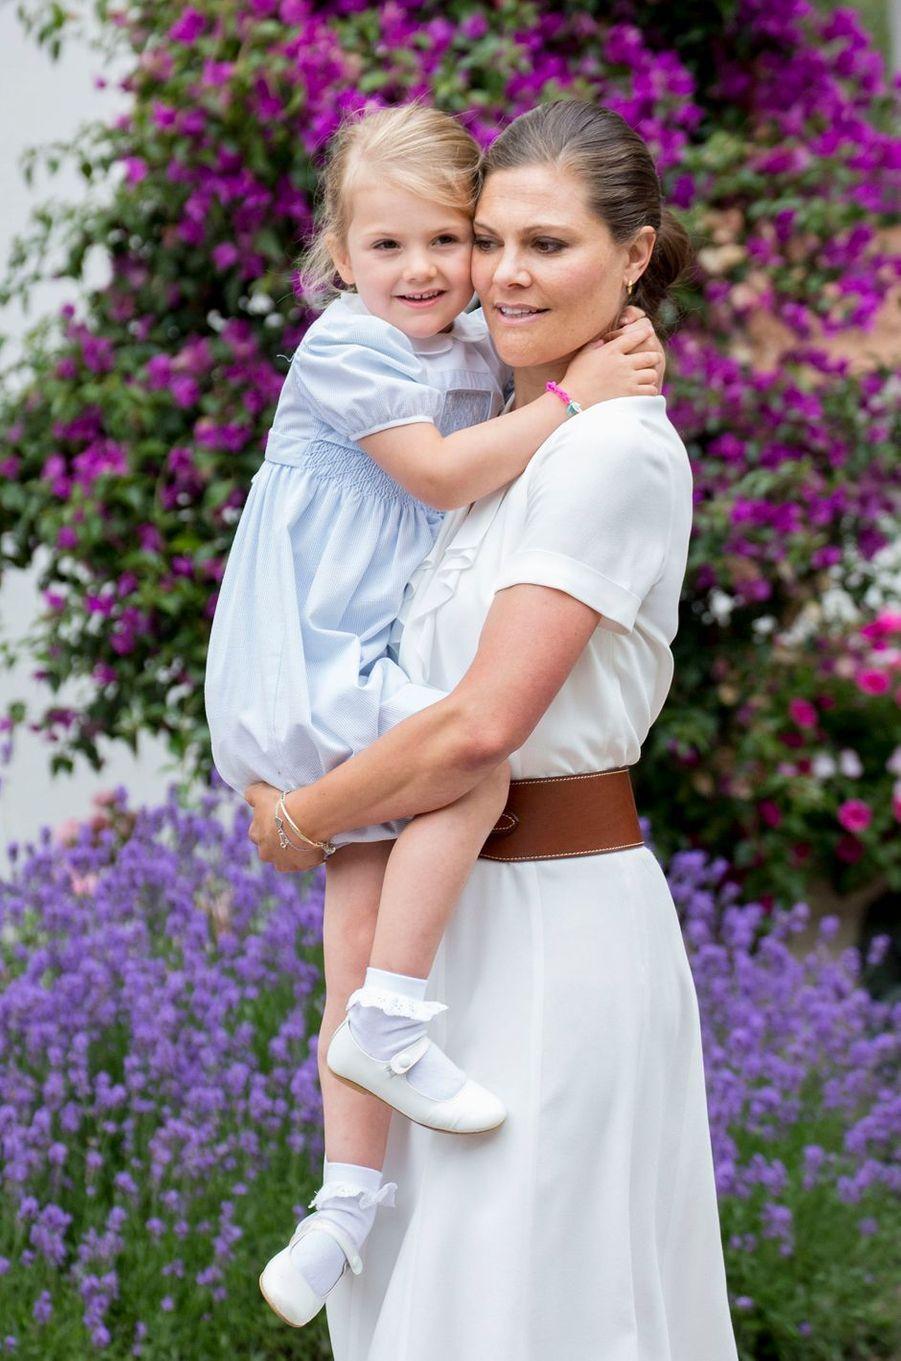 La princesse Estelle de Suède avec sa mère la princesse héritière Victoria, le 14 juillet 2016